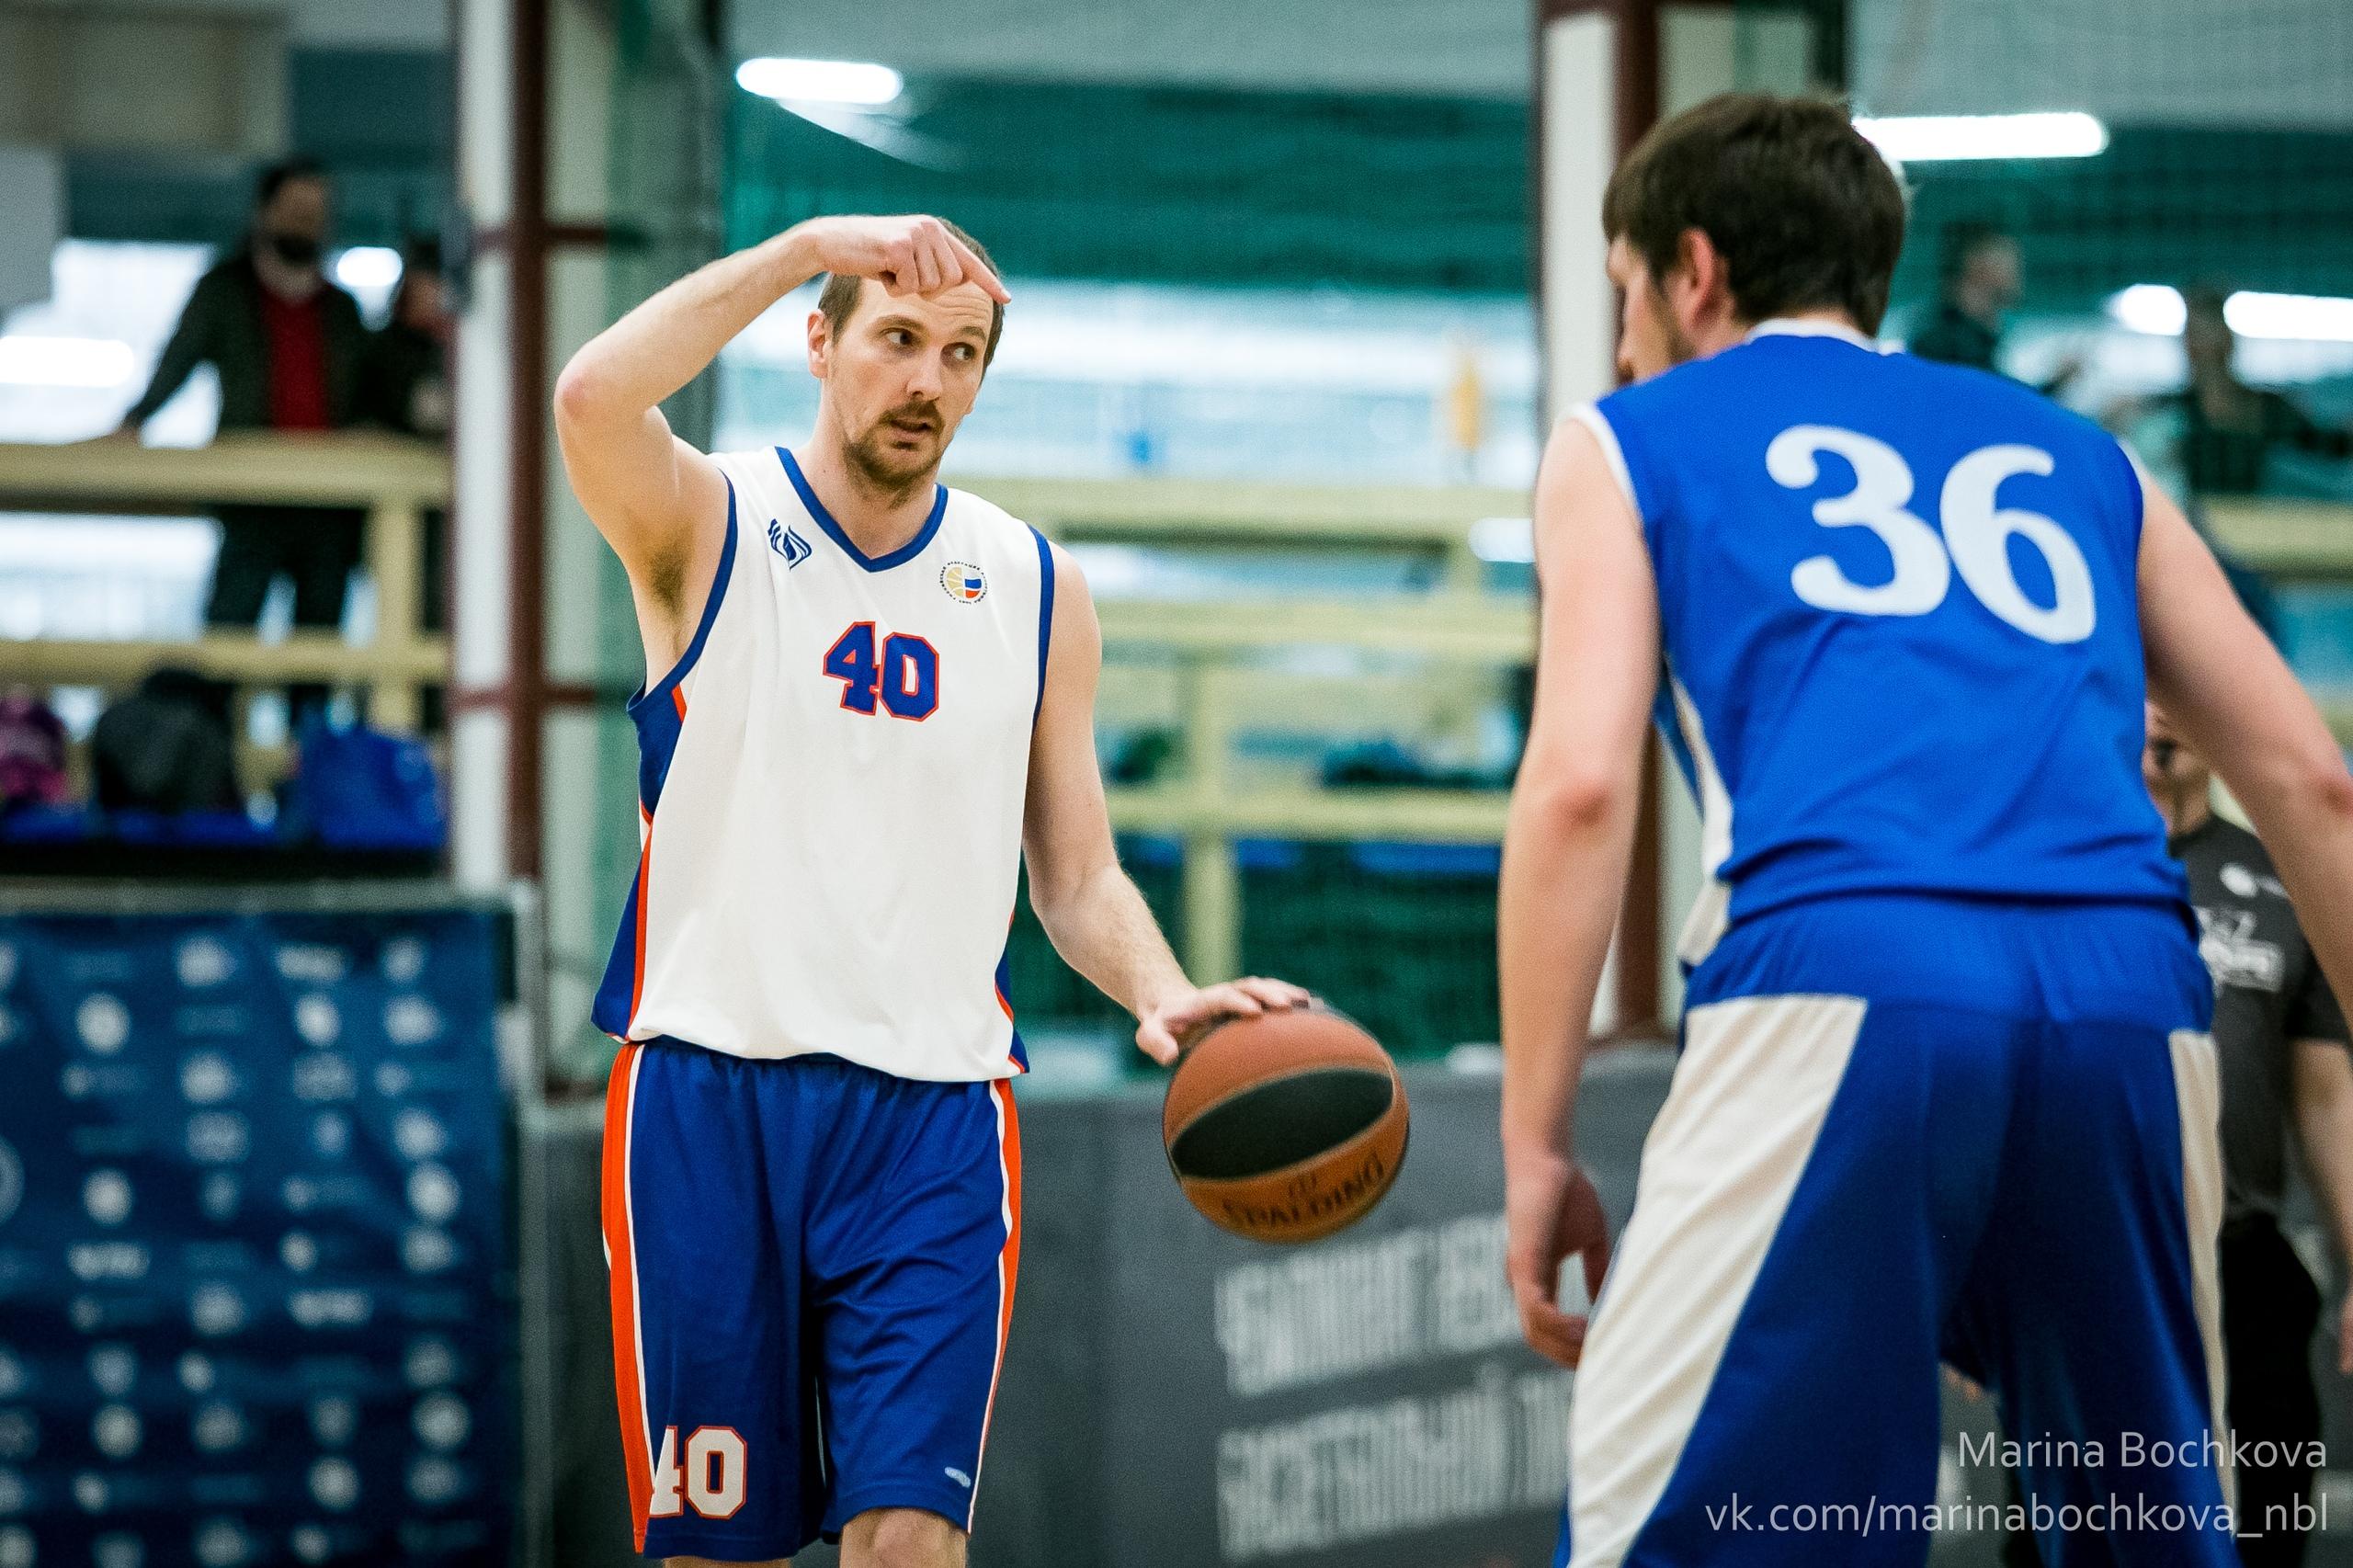 Сергей Чудиновских